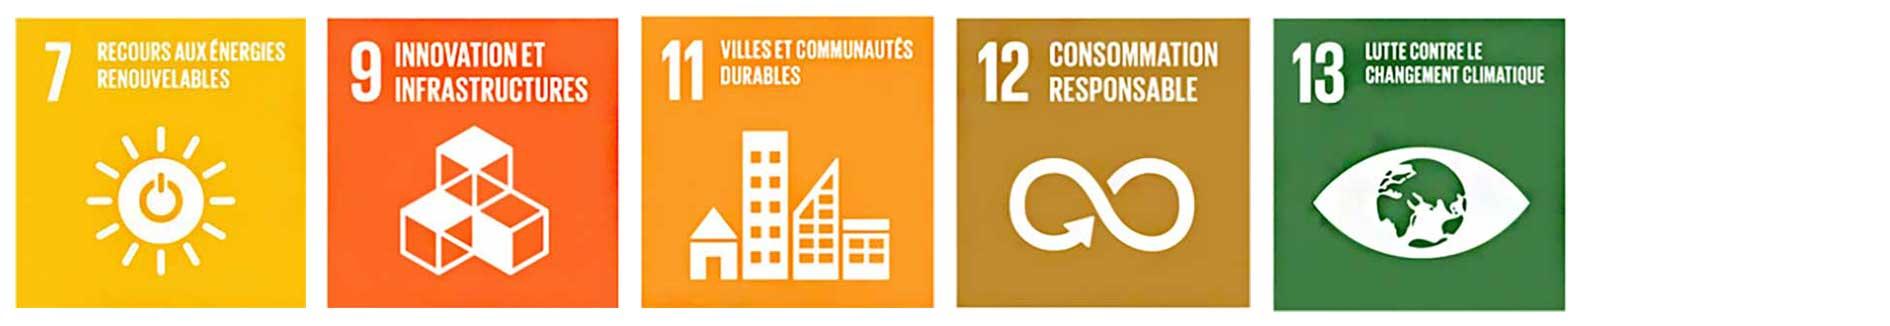 Objectifs de développement durable 2030 liés au thème énergie